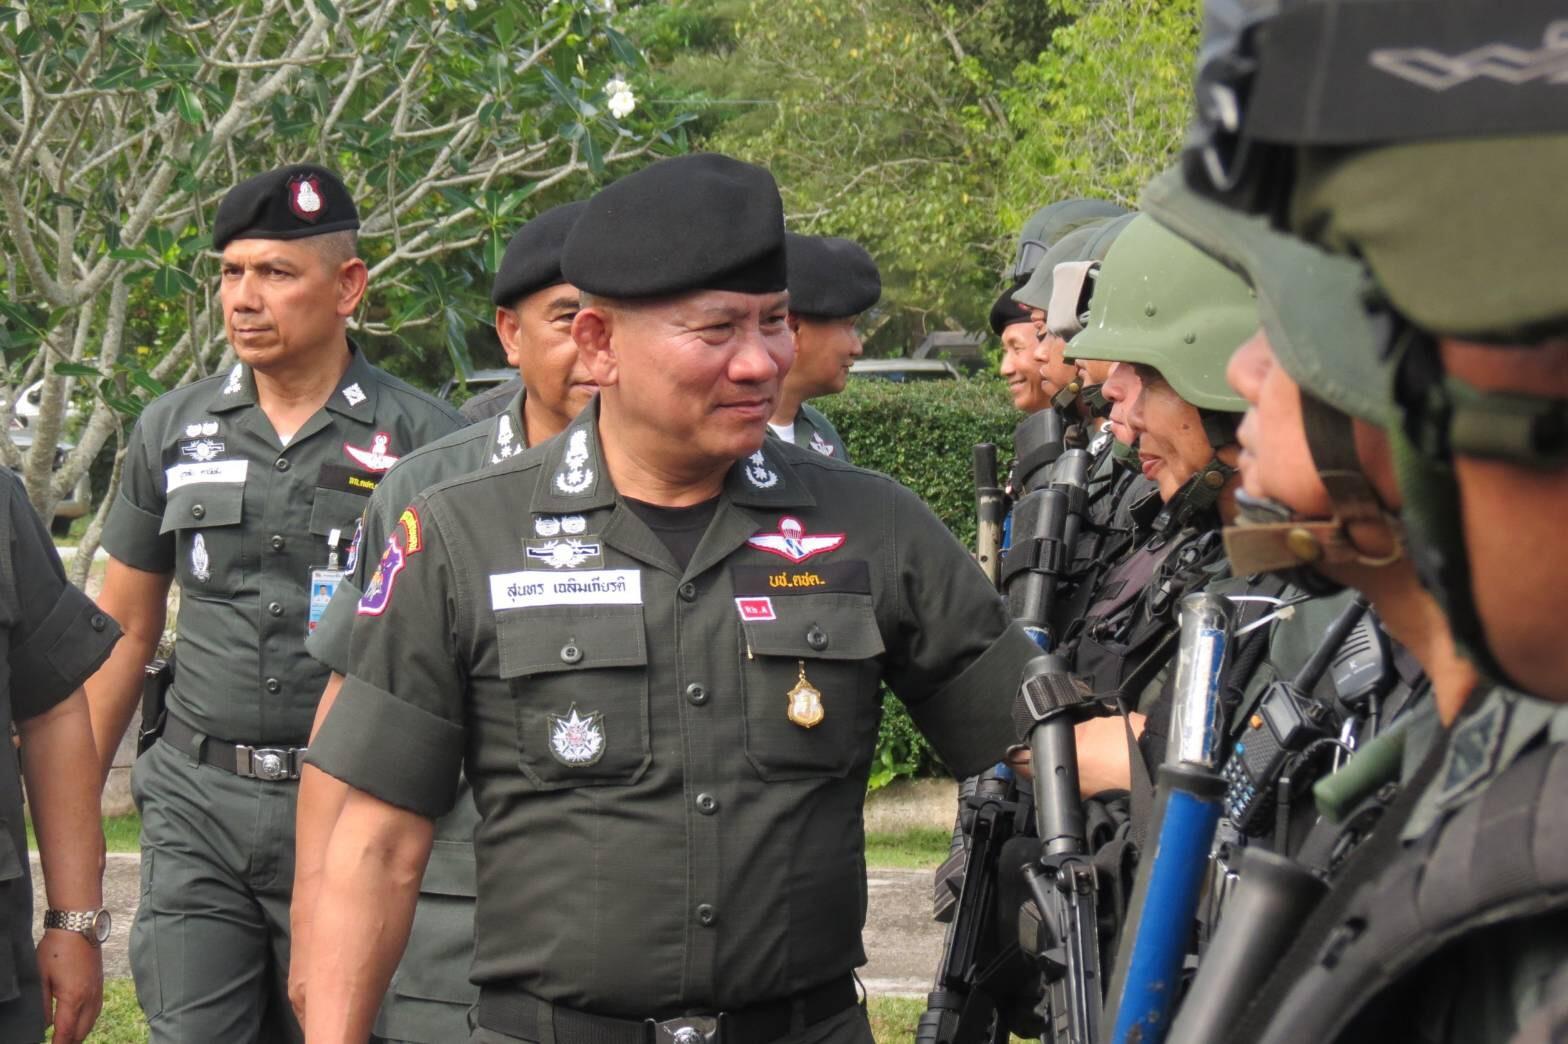 พลตำรวจตรี สุนทร เฉลิมเกียรติ